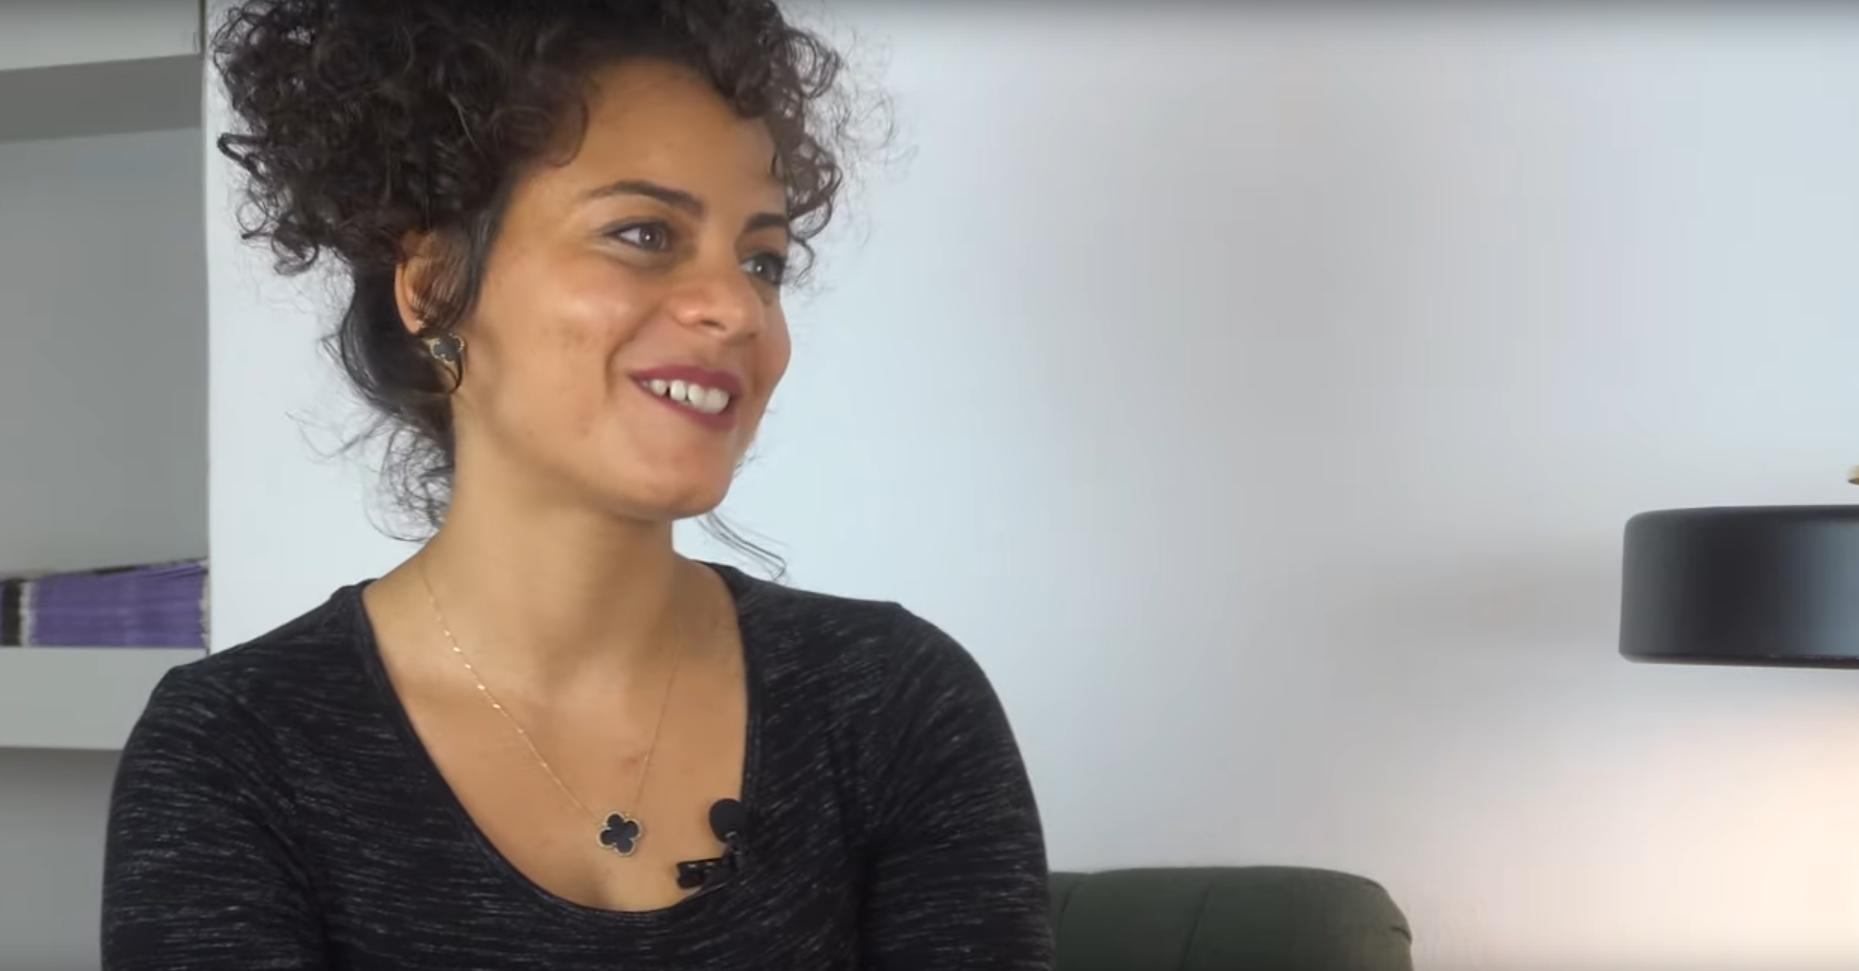 #WIRINDEUTSCHLAND - Video 4: Katrin